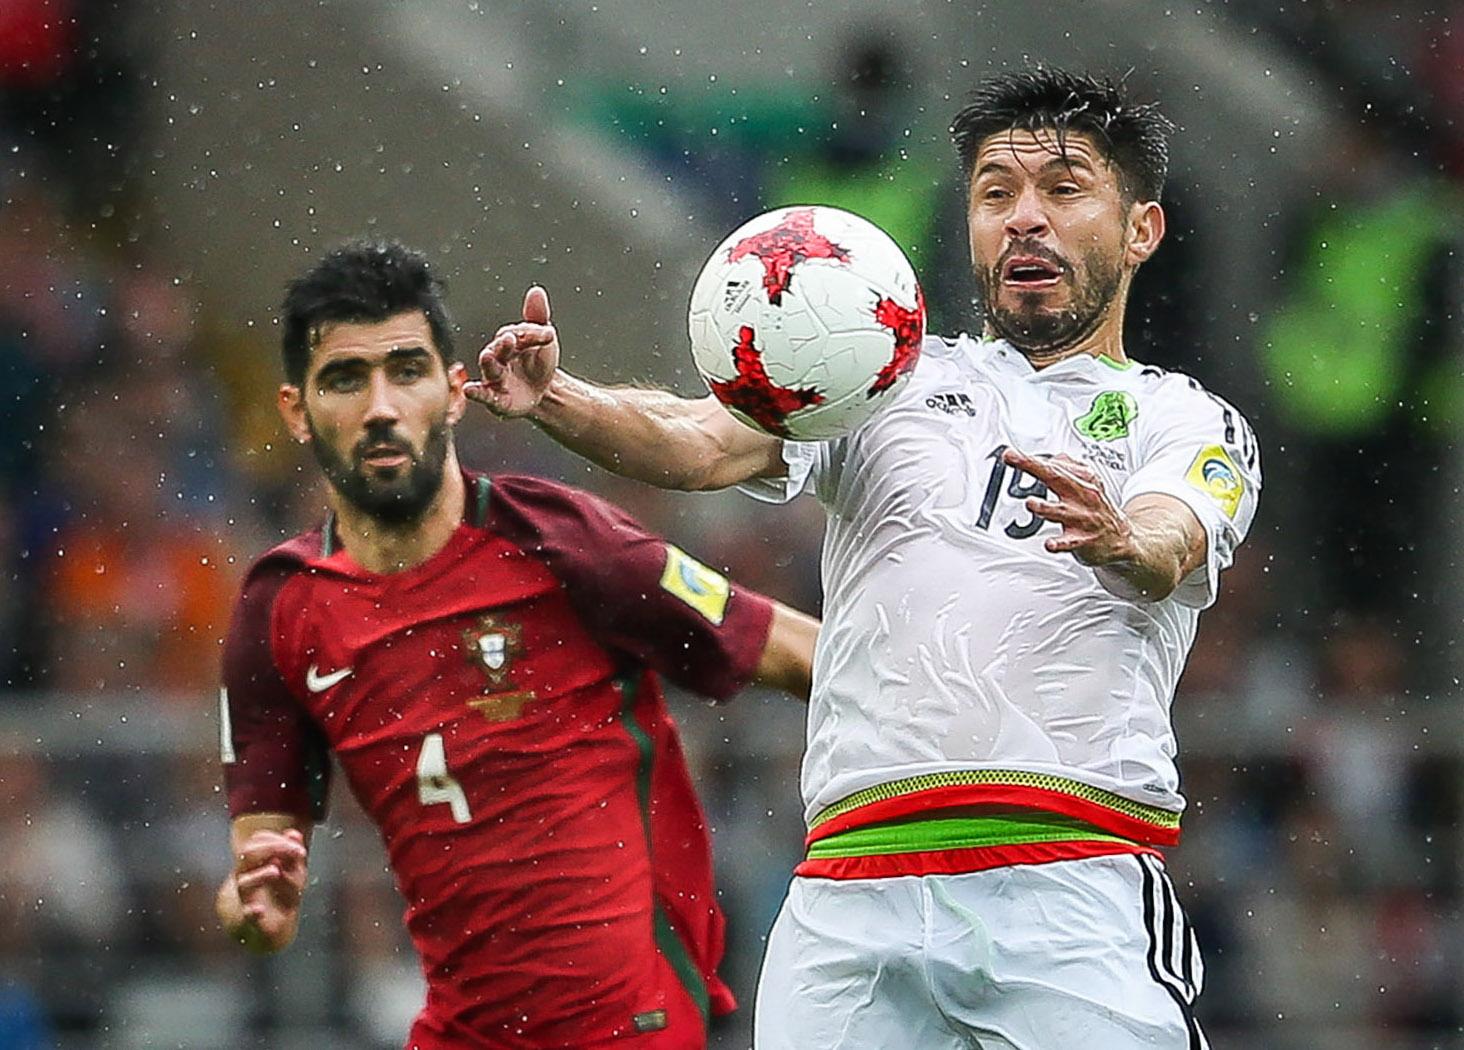 Cupa Confederațiilor 2017. Finala mică Portugalia - Mexic 2-1. Lusitanii au luat bronzul. Rezulatate | FOTO&VIDEO